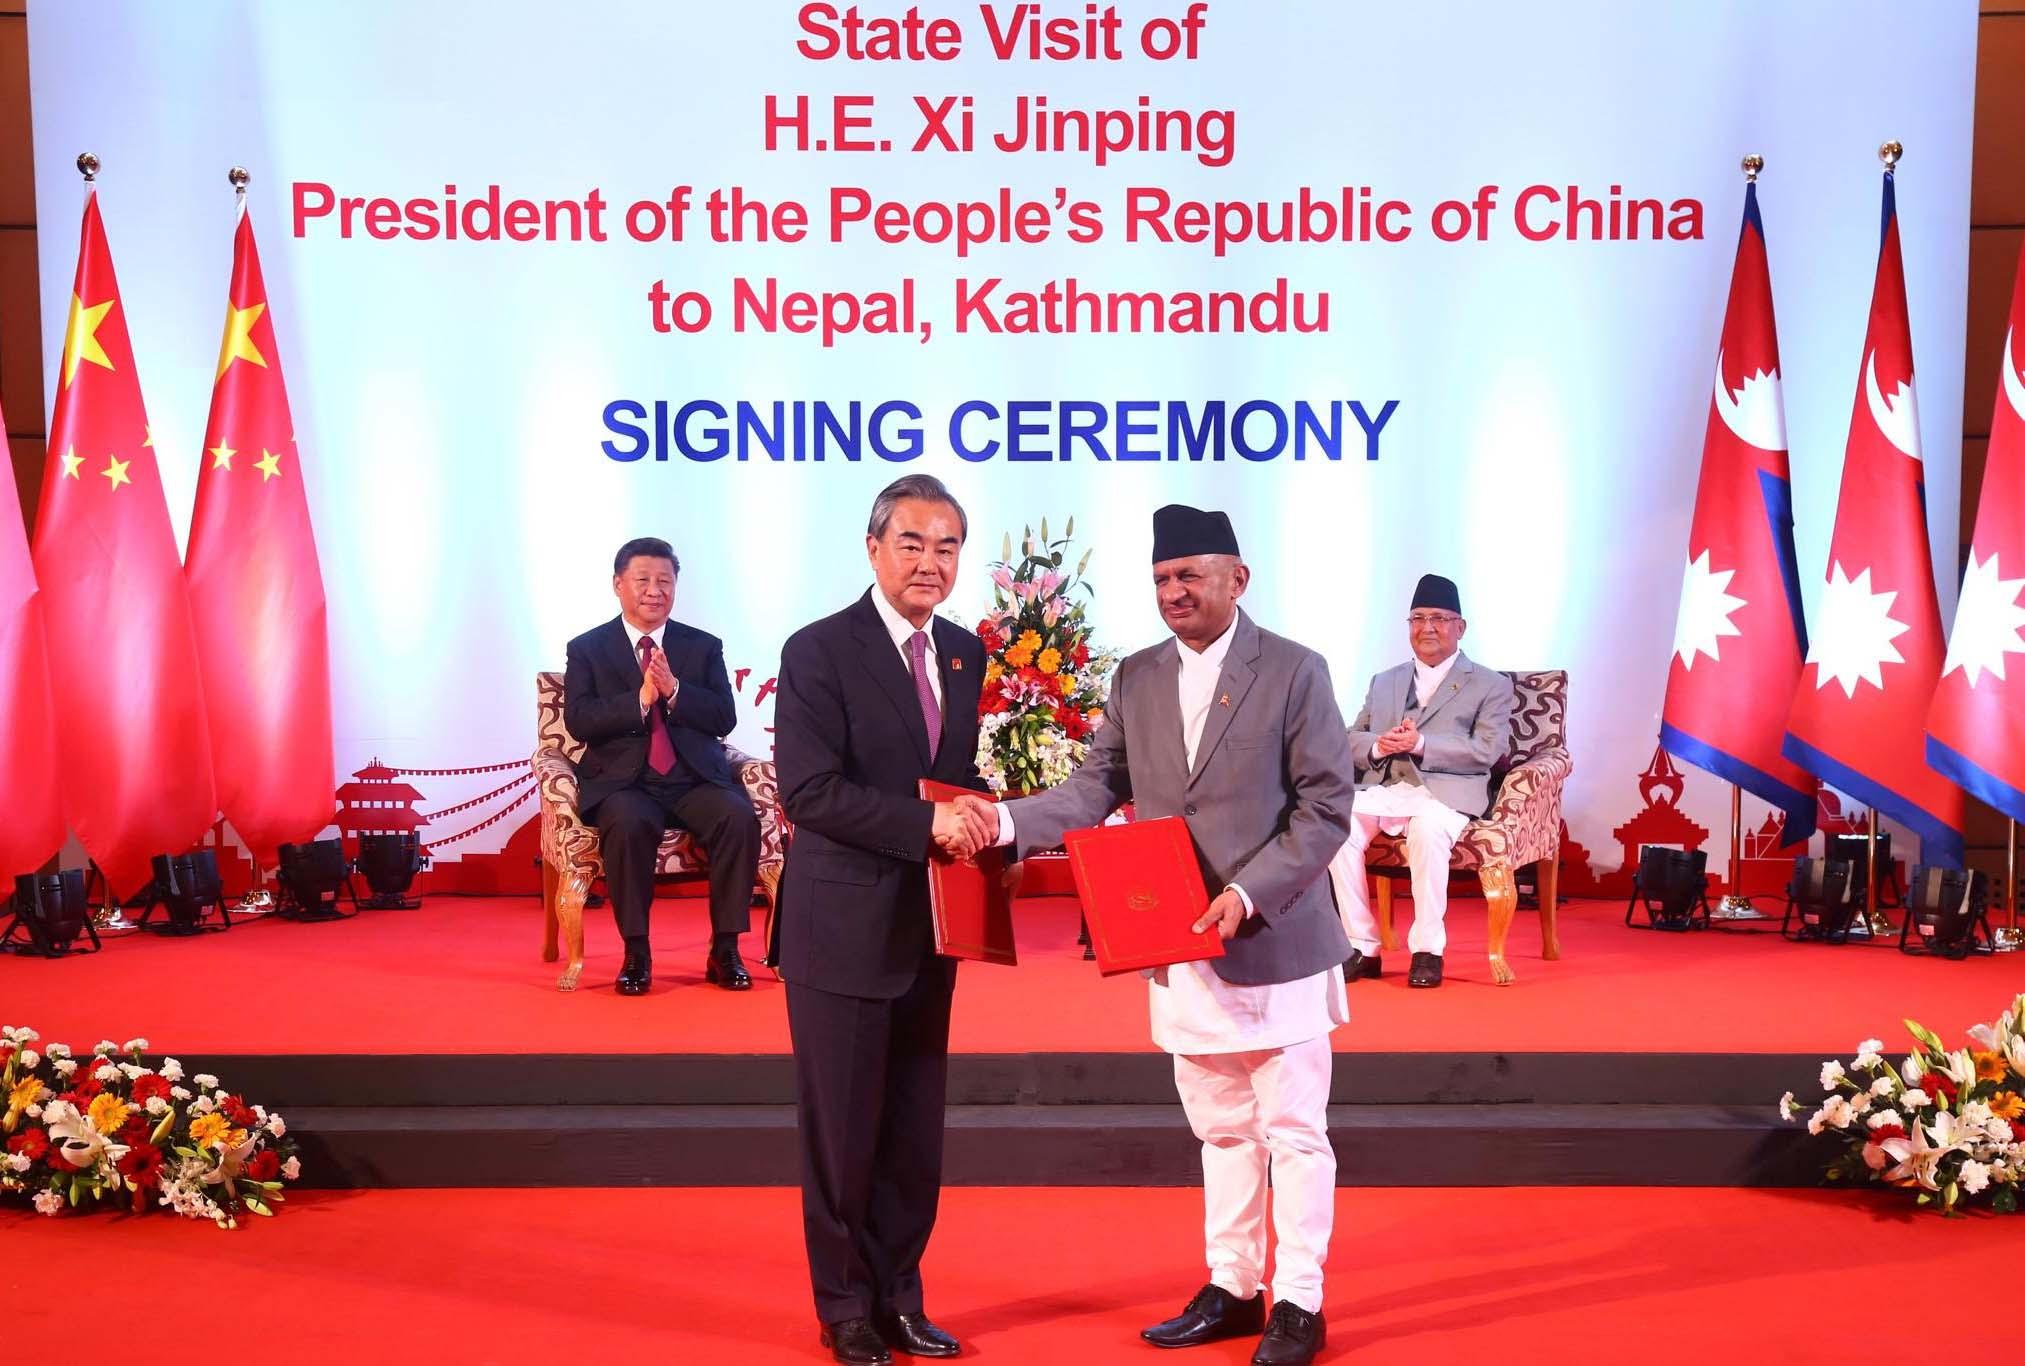 नेपाल-चीनबीच १७ वटा सम्झौता र समझदारी पत्रमा हस्ताक्षर